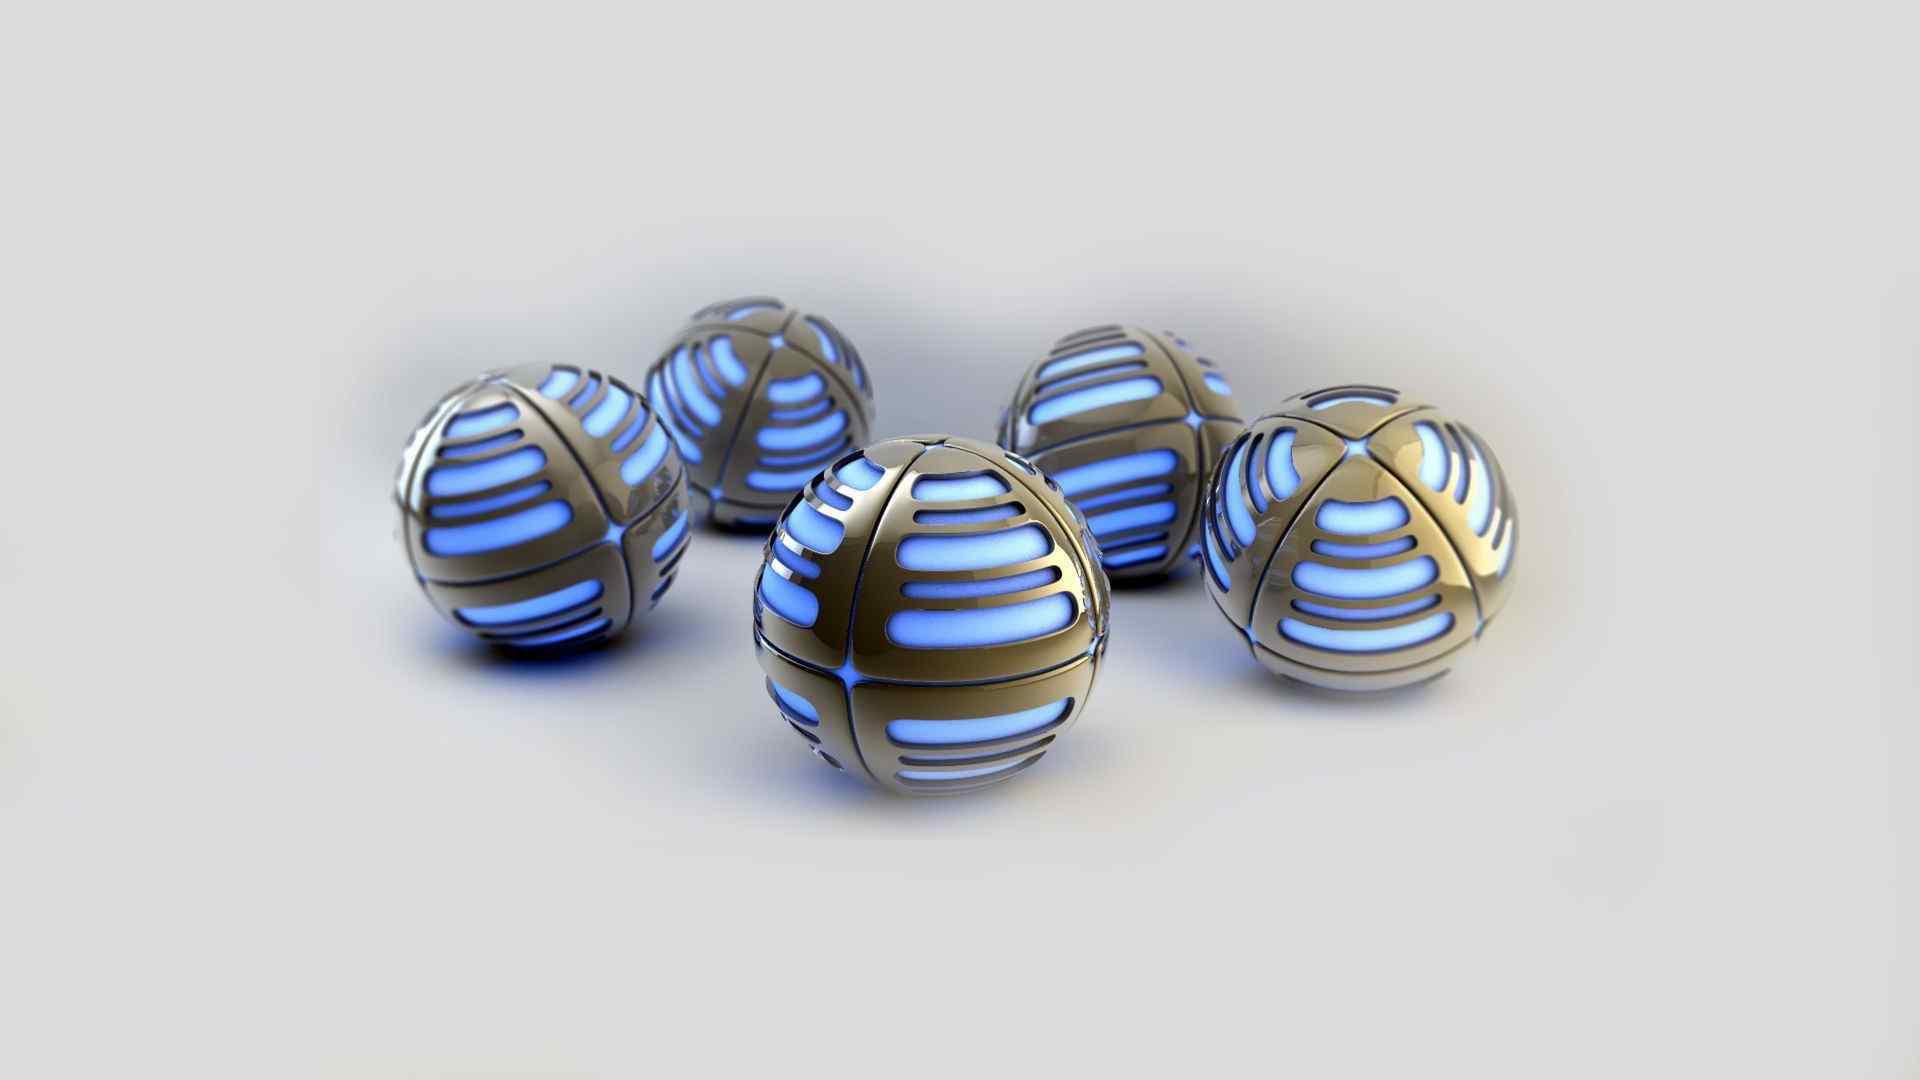 浅蓝色金属球体壁纸